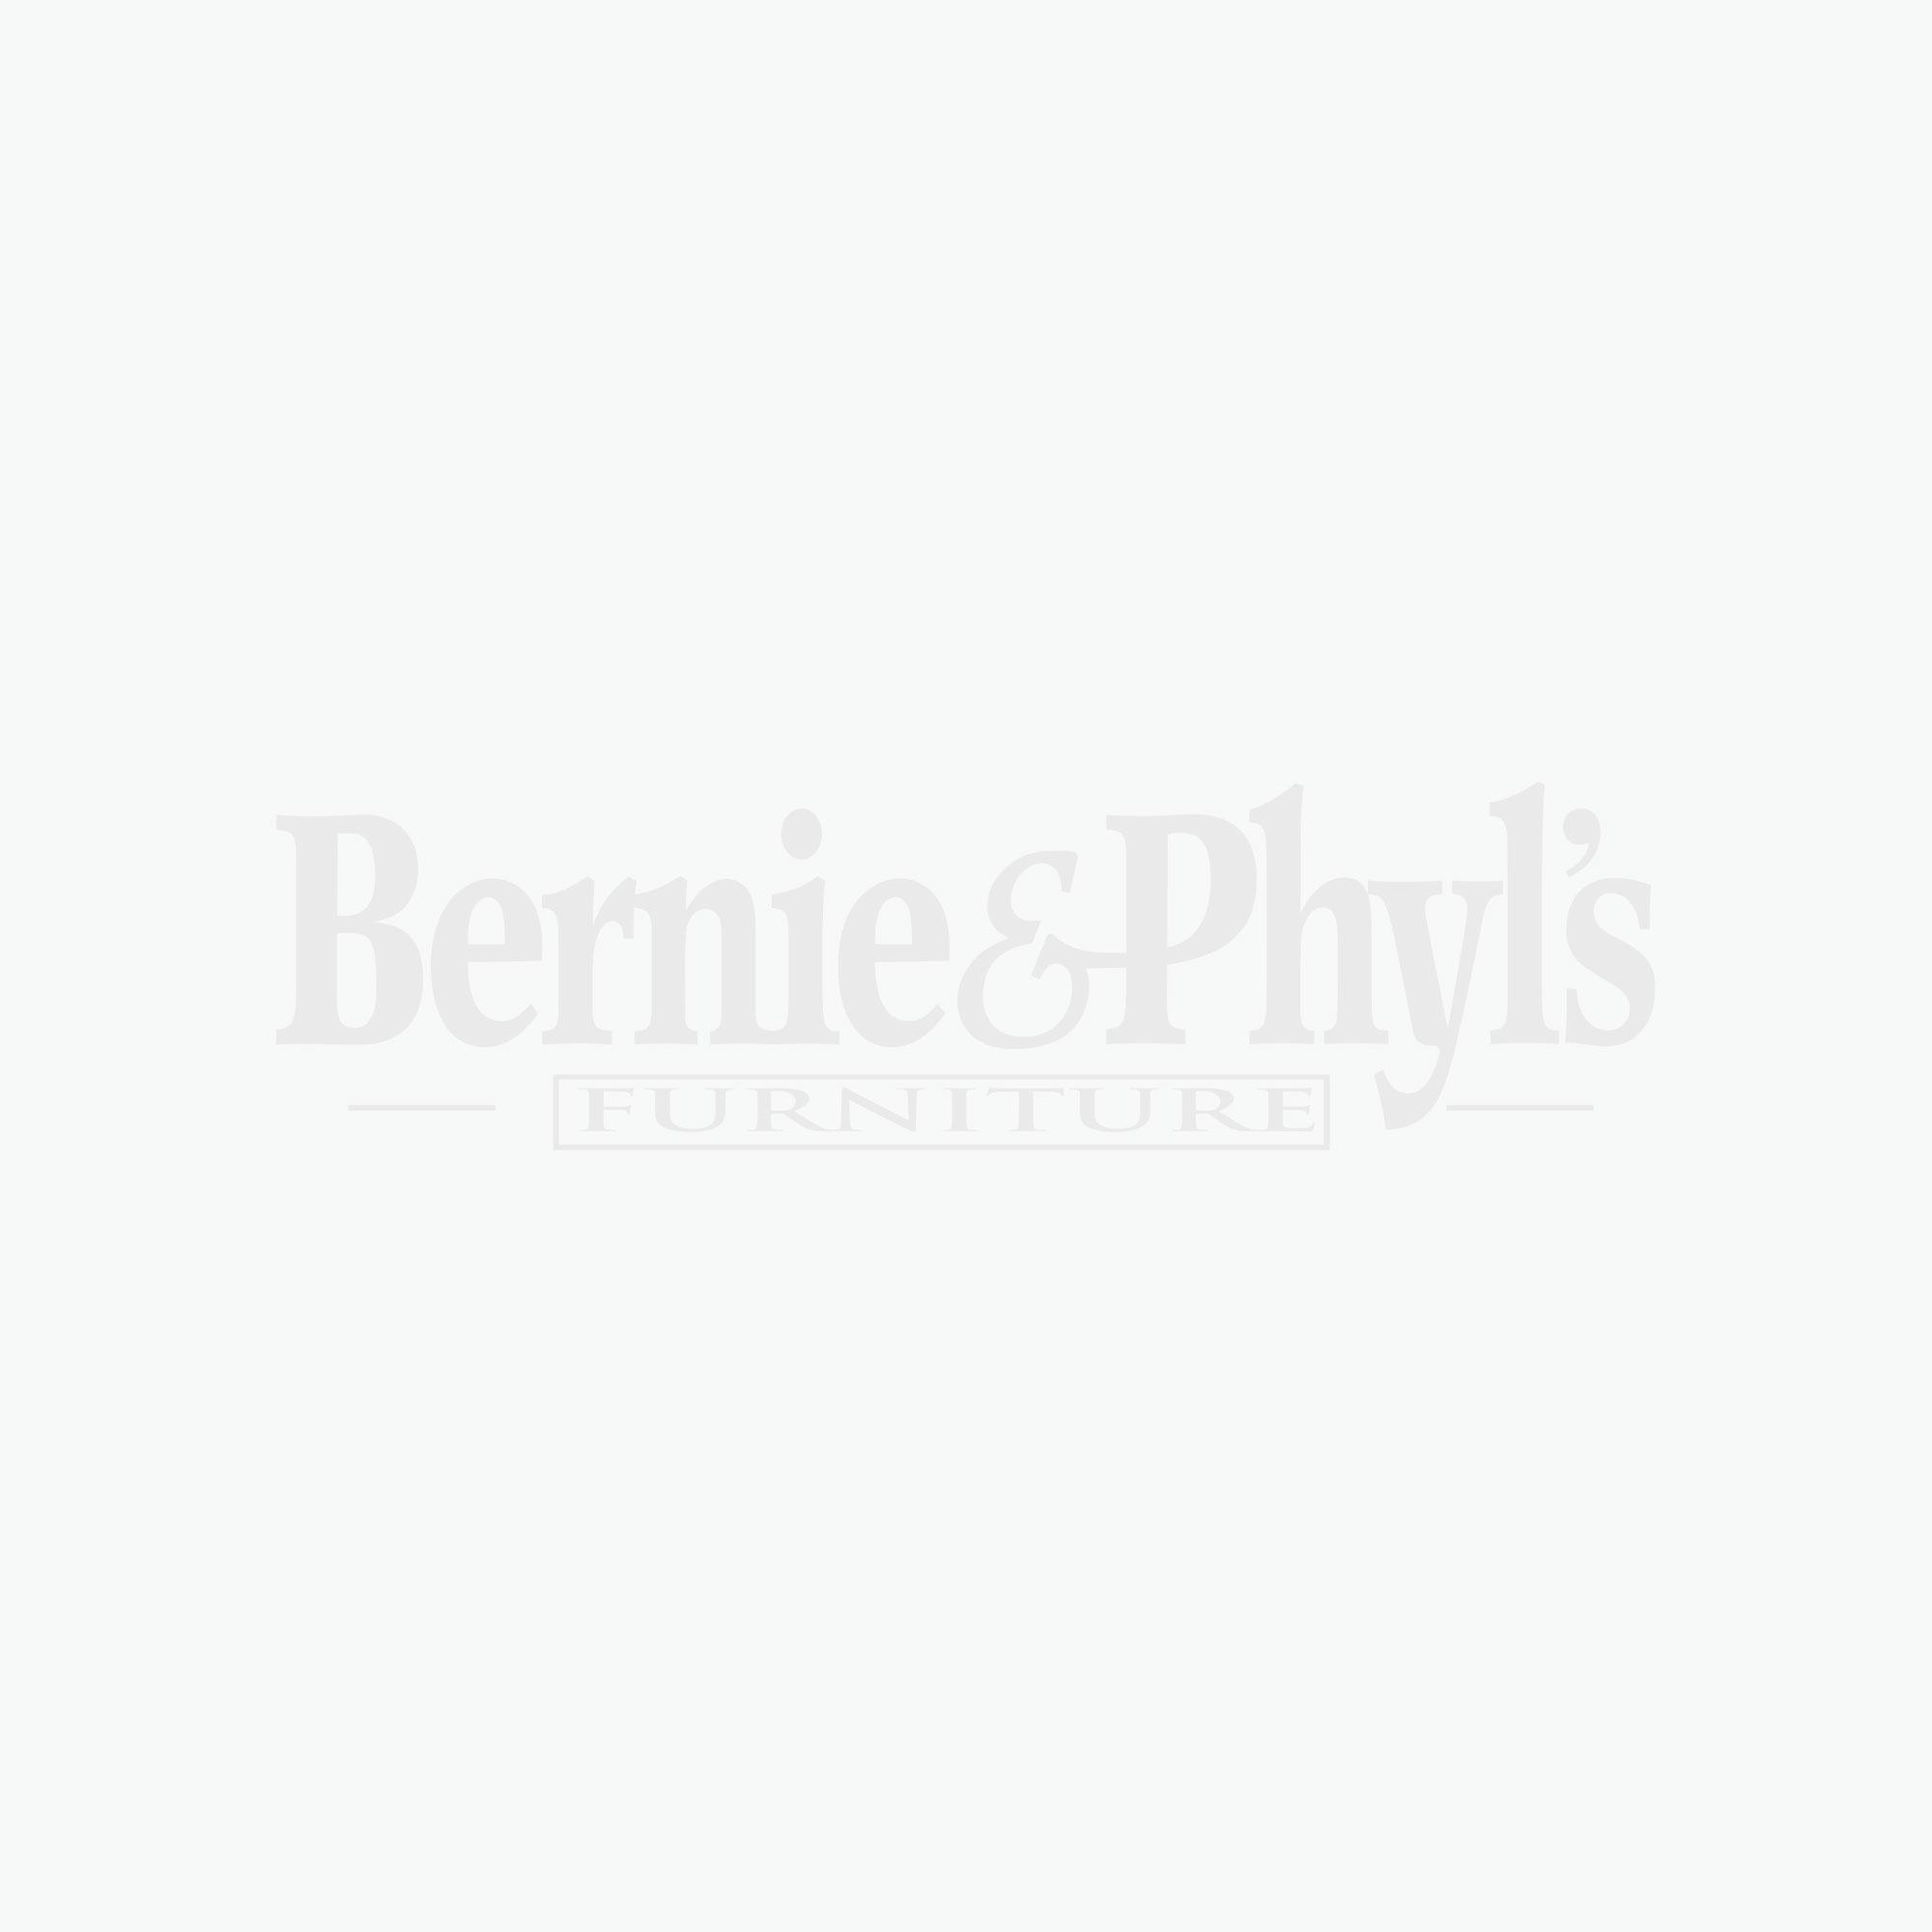 Hamilton-Franklin Merlot Bedroom Headboard